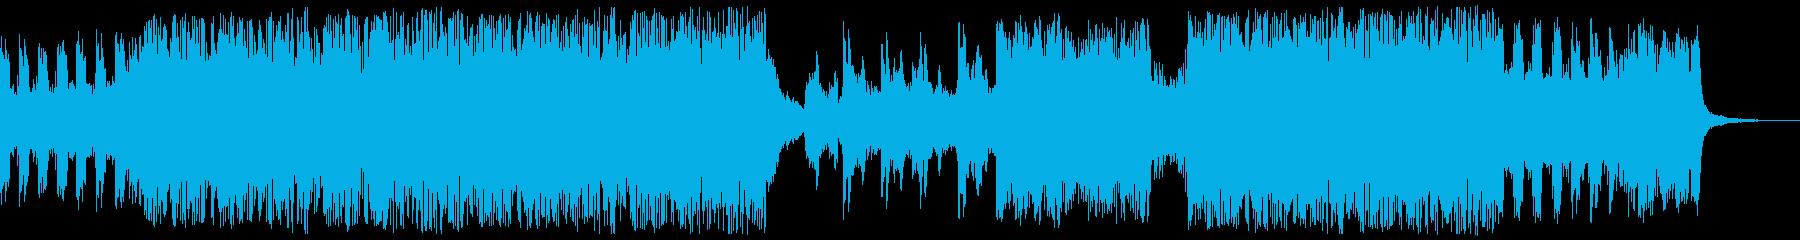 熱いイメージのトランス曲の再生済みの波形